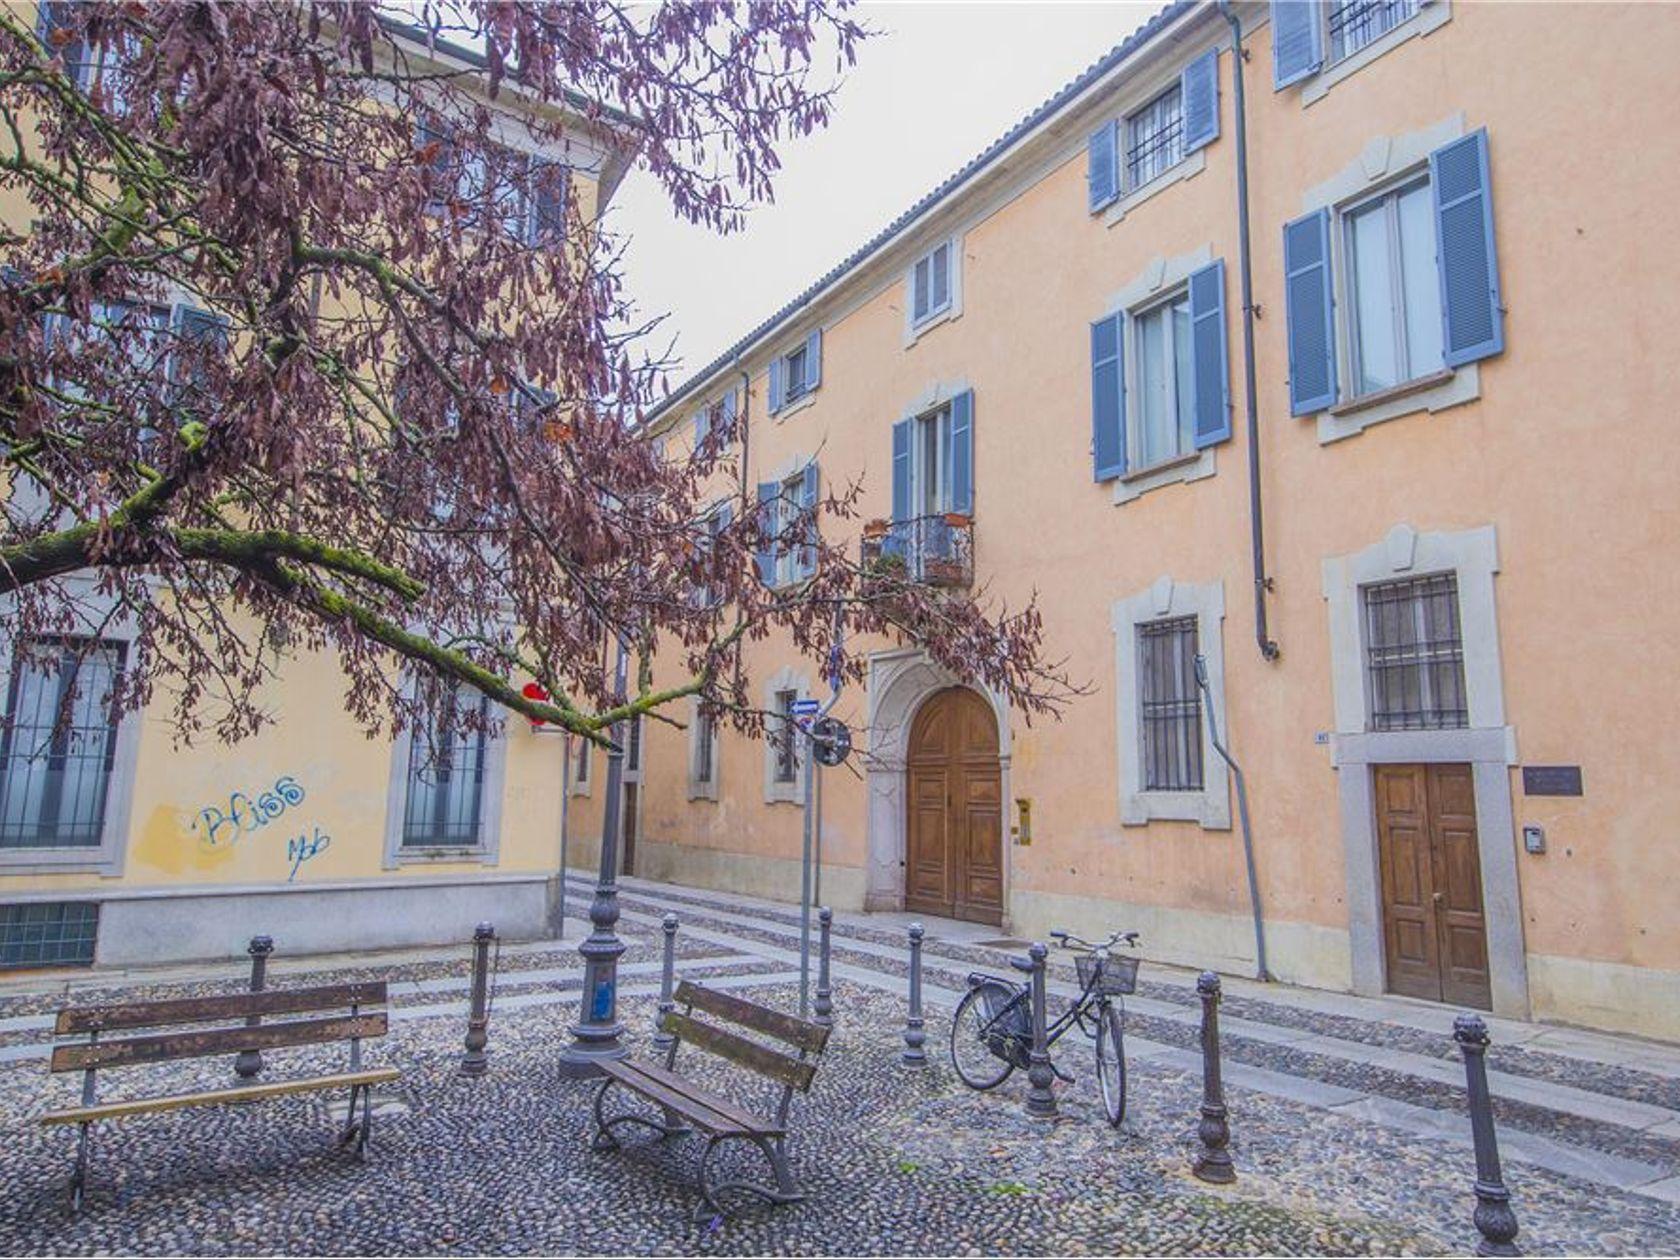 Attico/Mansarda Centro, Novara, NO Vendita - Foto 44